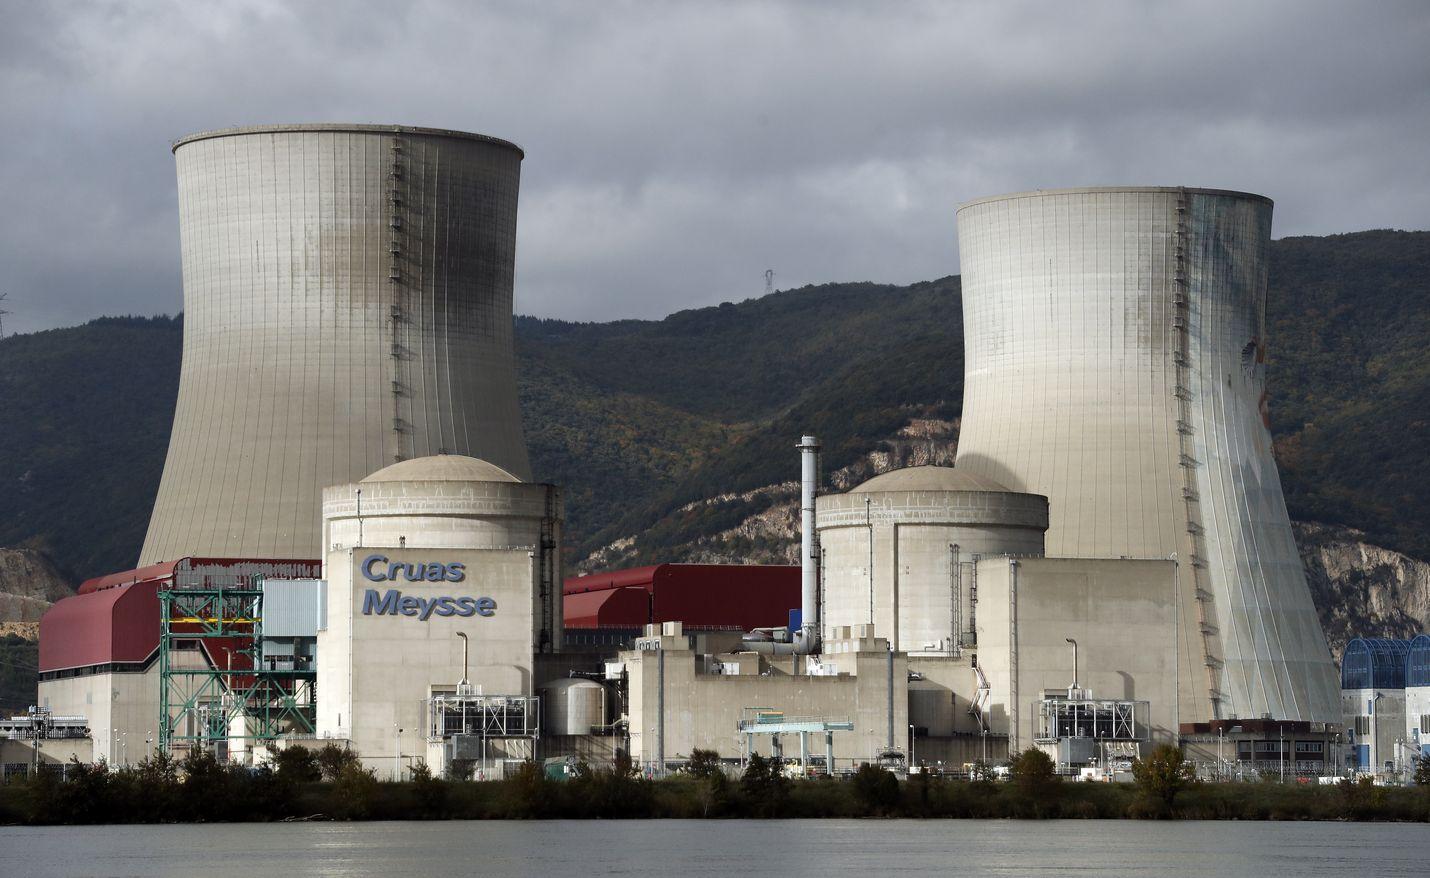 Ranska on EU:n suurin ydinvoimamaa. Cruas Meysse on yksi monista, sillä Ranskassa on toiminnassa lähes 60 reaktoria. Esimerkiksi Saksa on sen sijaan luopumassa omistaan.